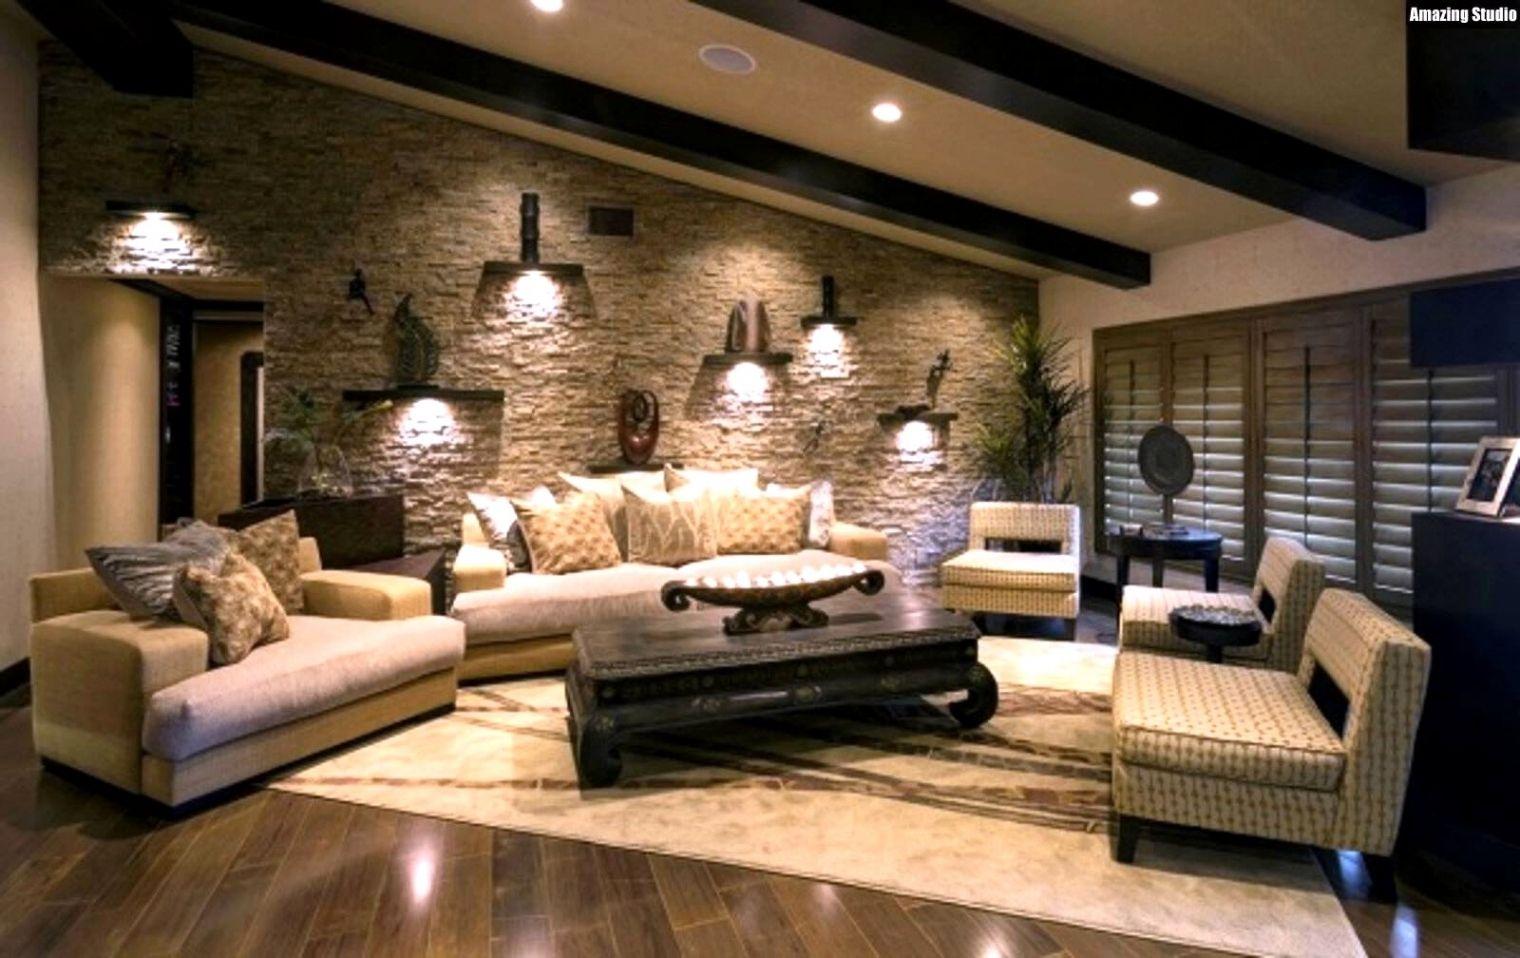 Schon Inspirierend Wohnzimmer Vorschläge